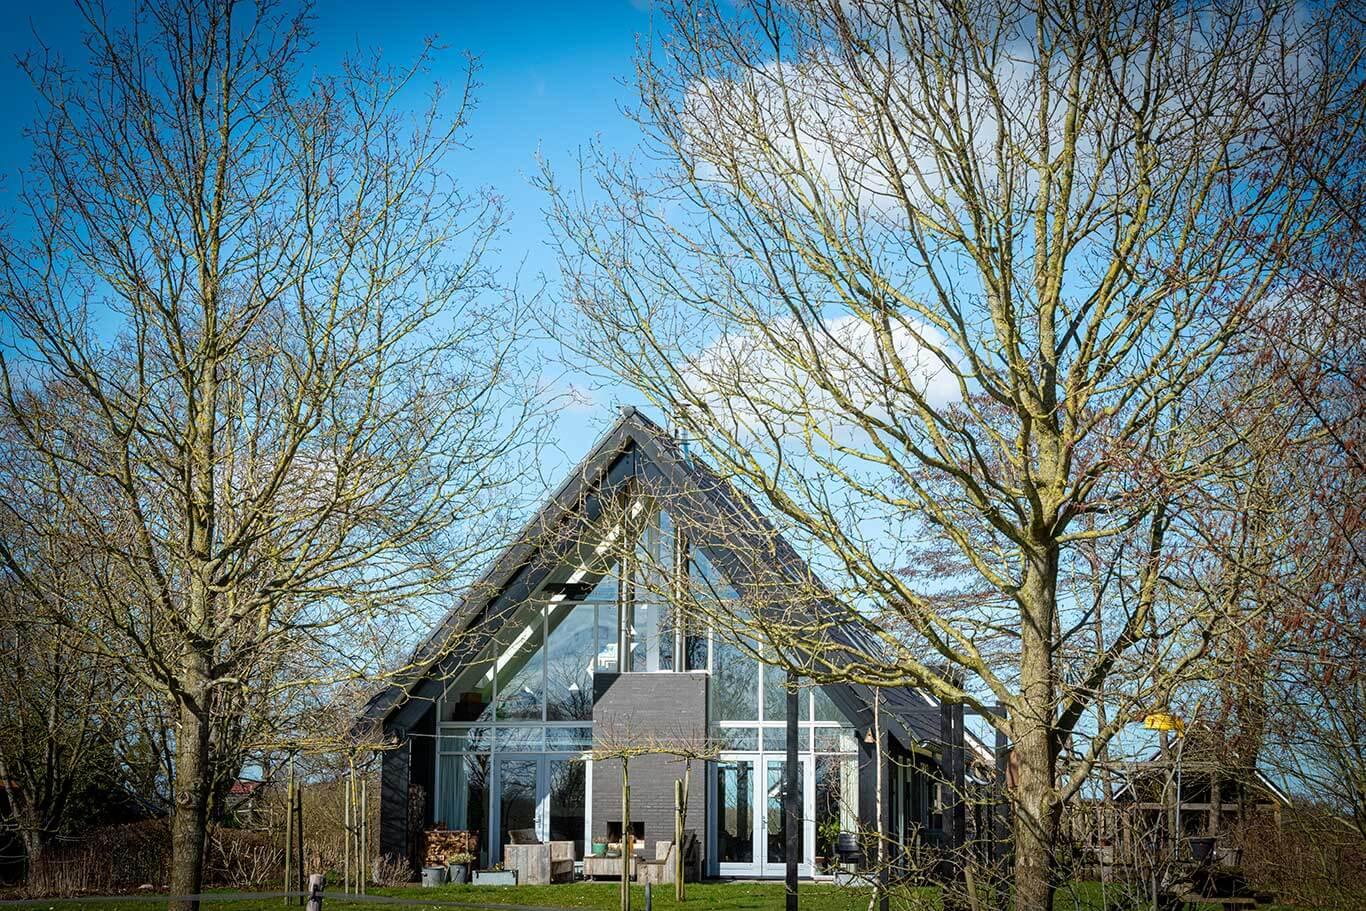 hesselmann-oldeberkoop-woonhuis-exterieur-2.jpg